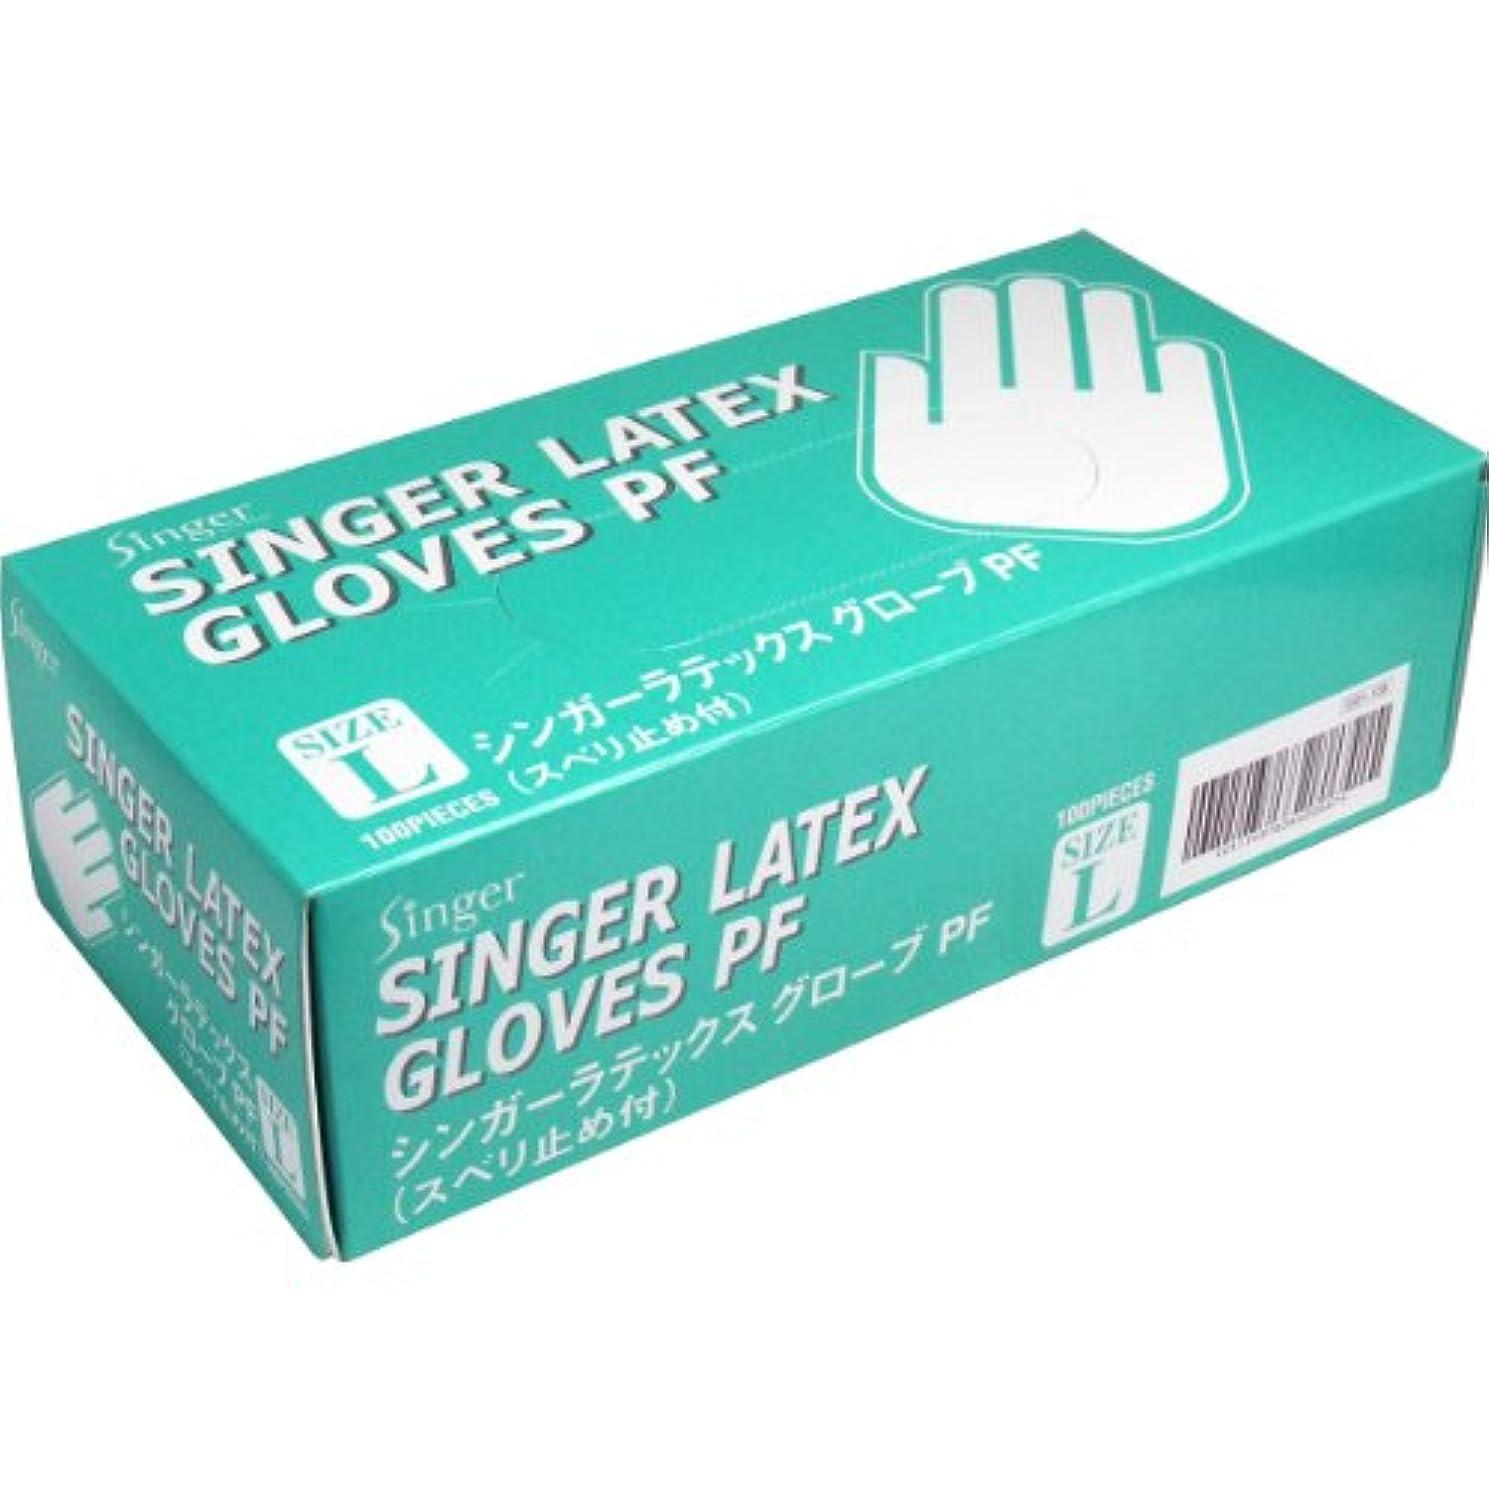 経営者教えクリエイティブシンガーラテックス手袋PFすべり止め付き 使い捨て手袋 粉なし2000枚 (100枚入り20箱) (L)